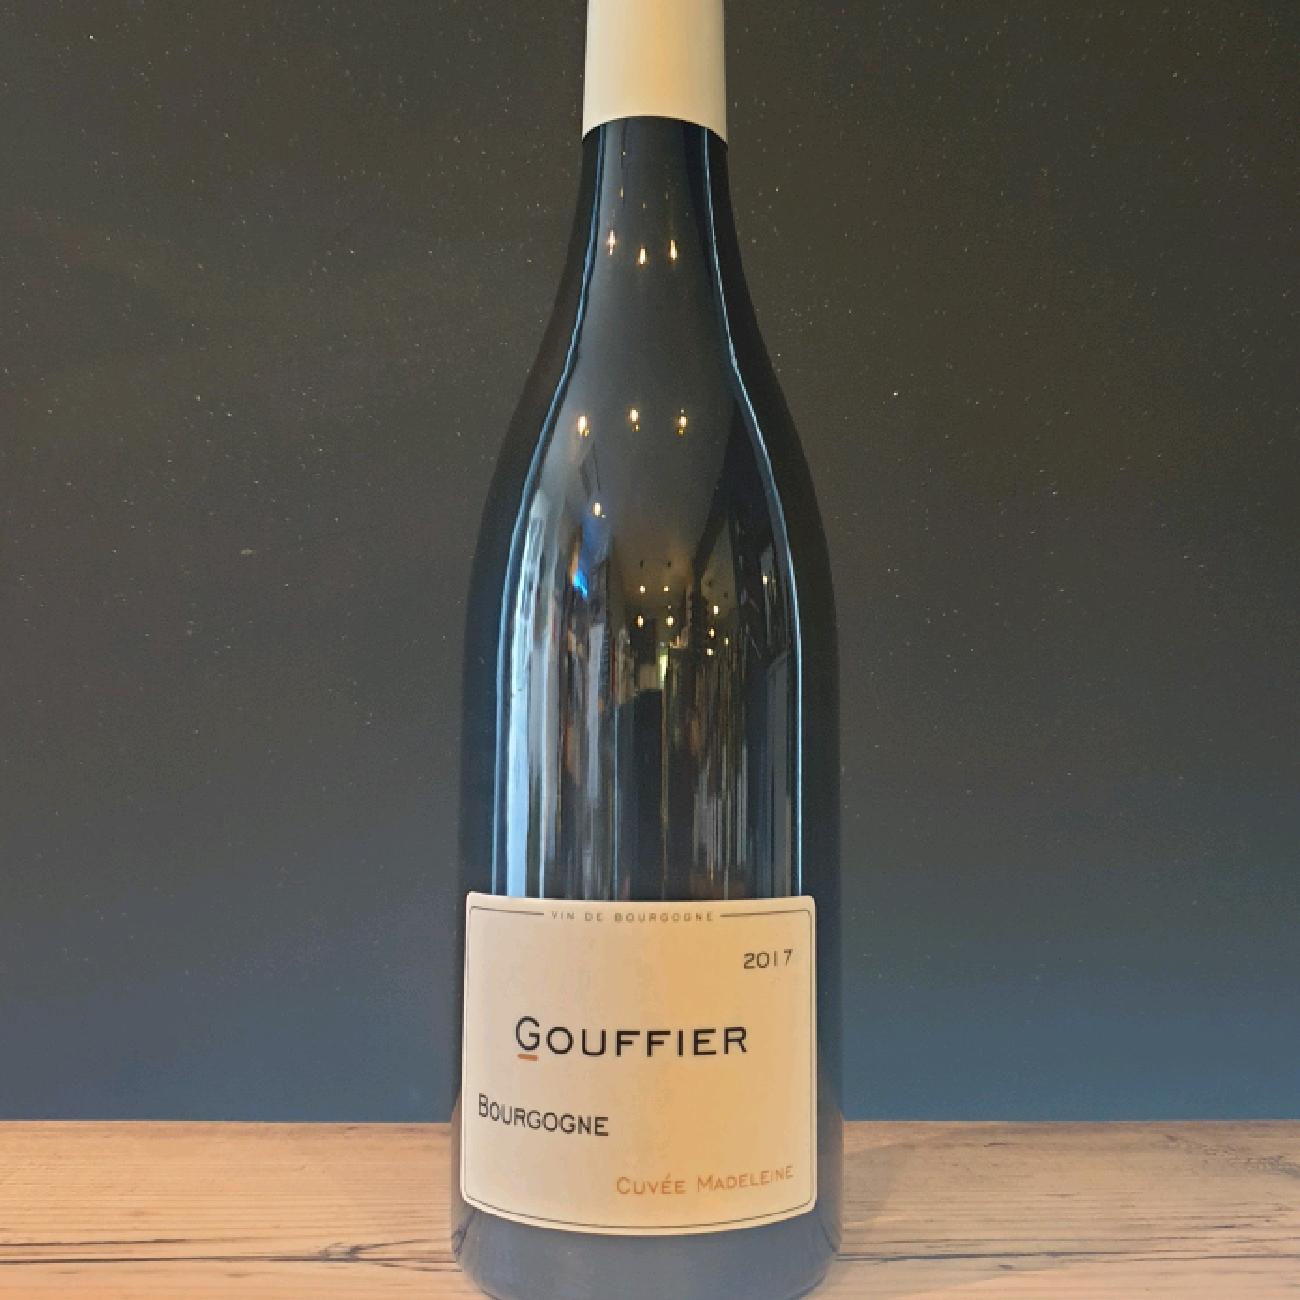 Gouffier Cuvee Madeleine Bourgogne Blanc